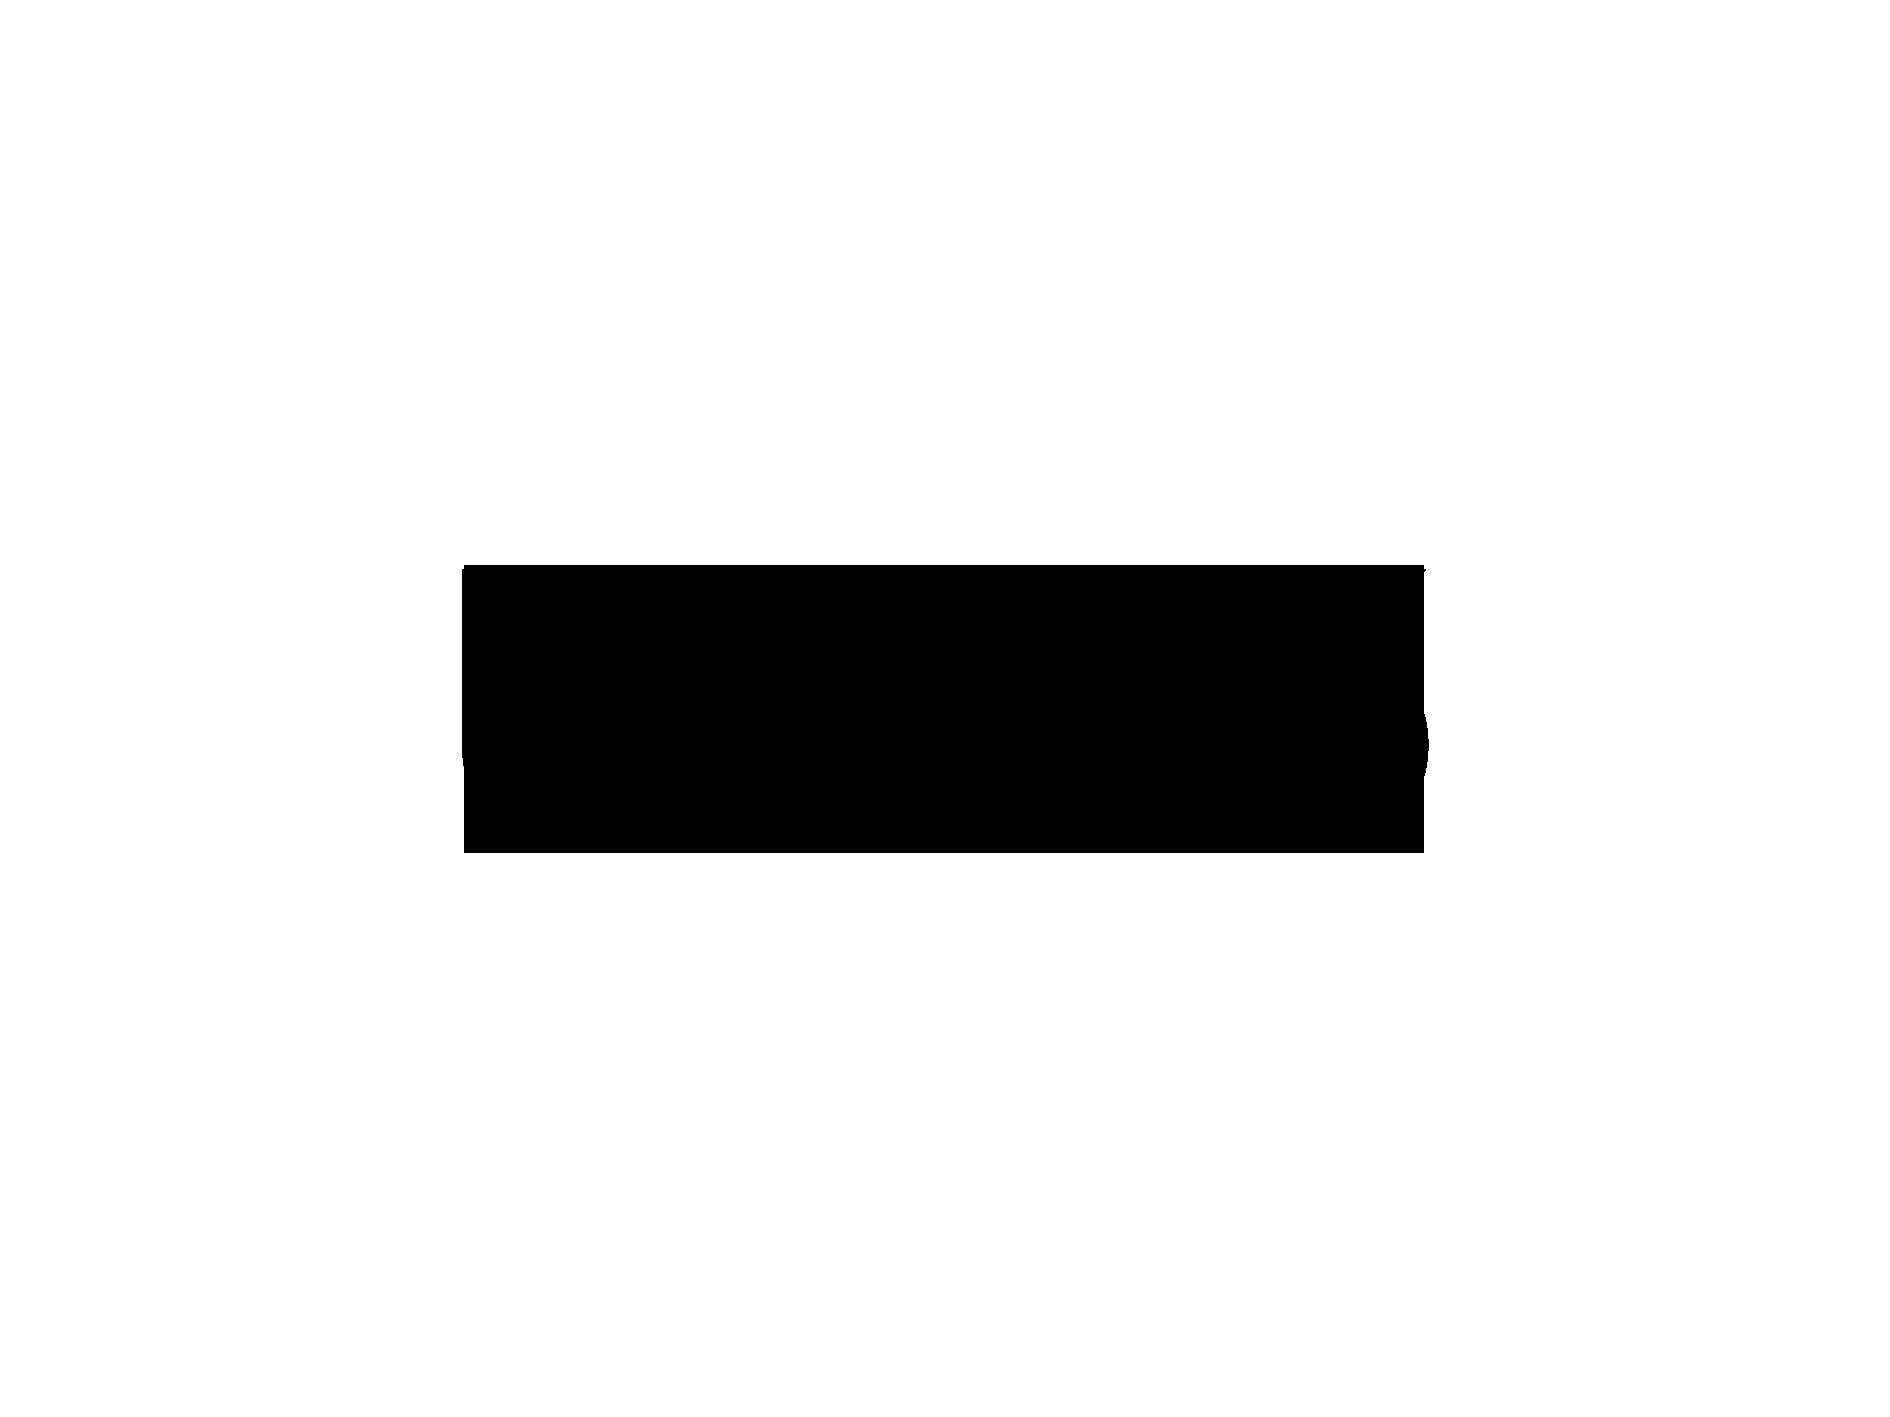 bild13.com